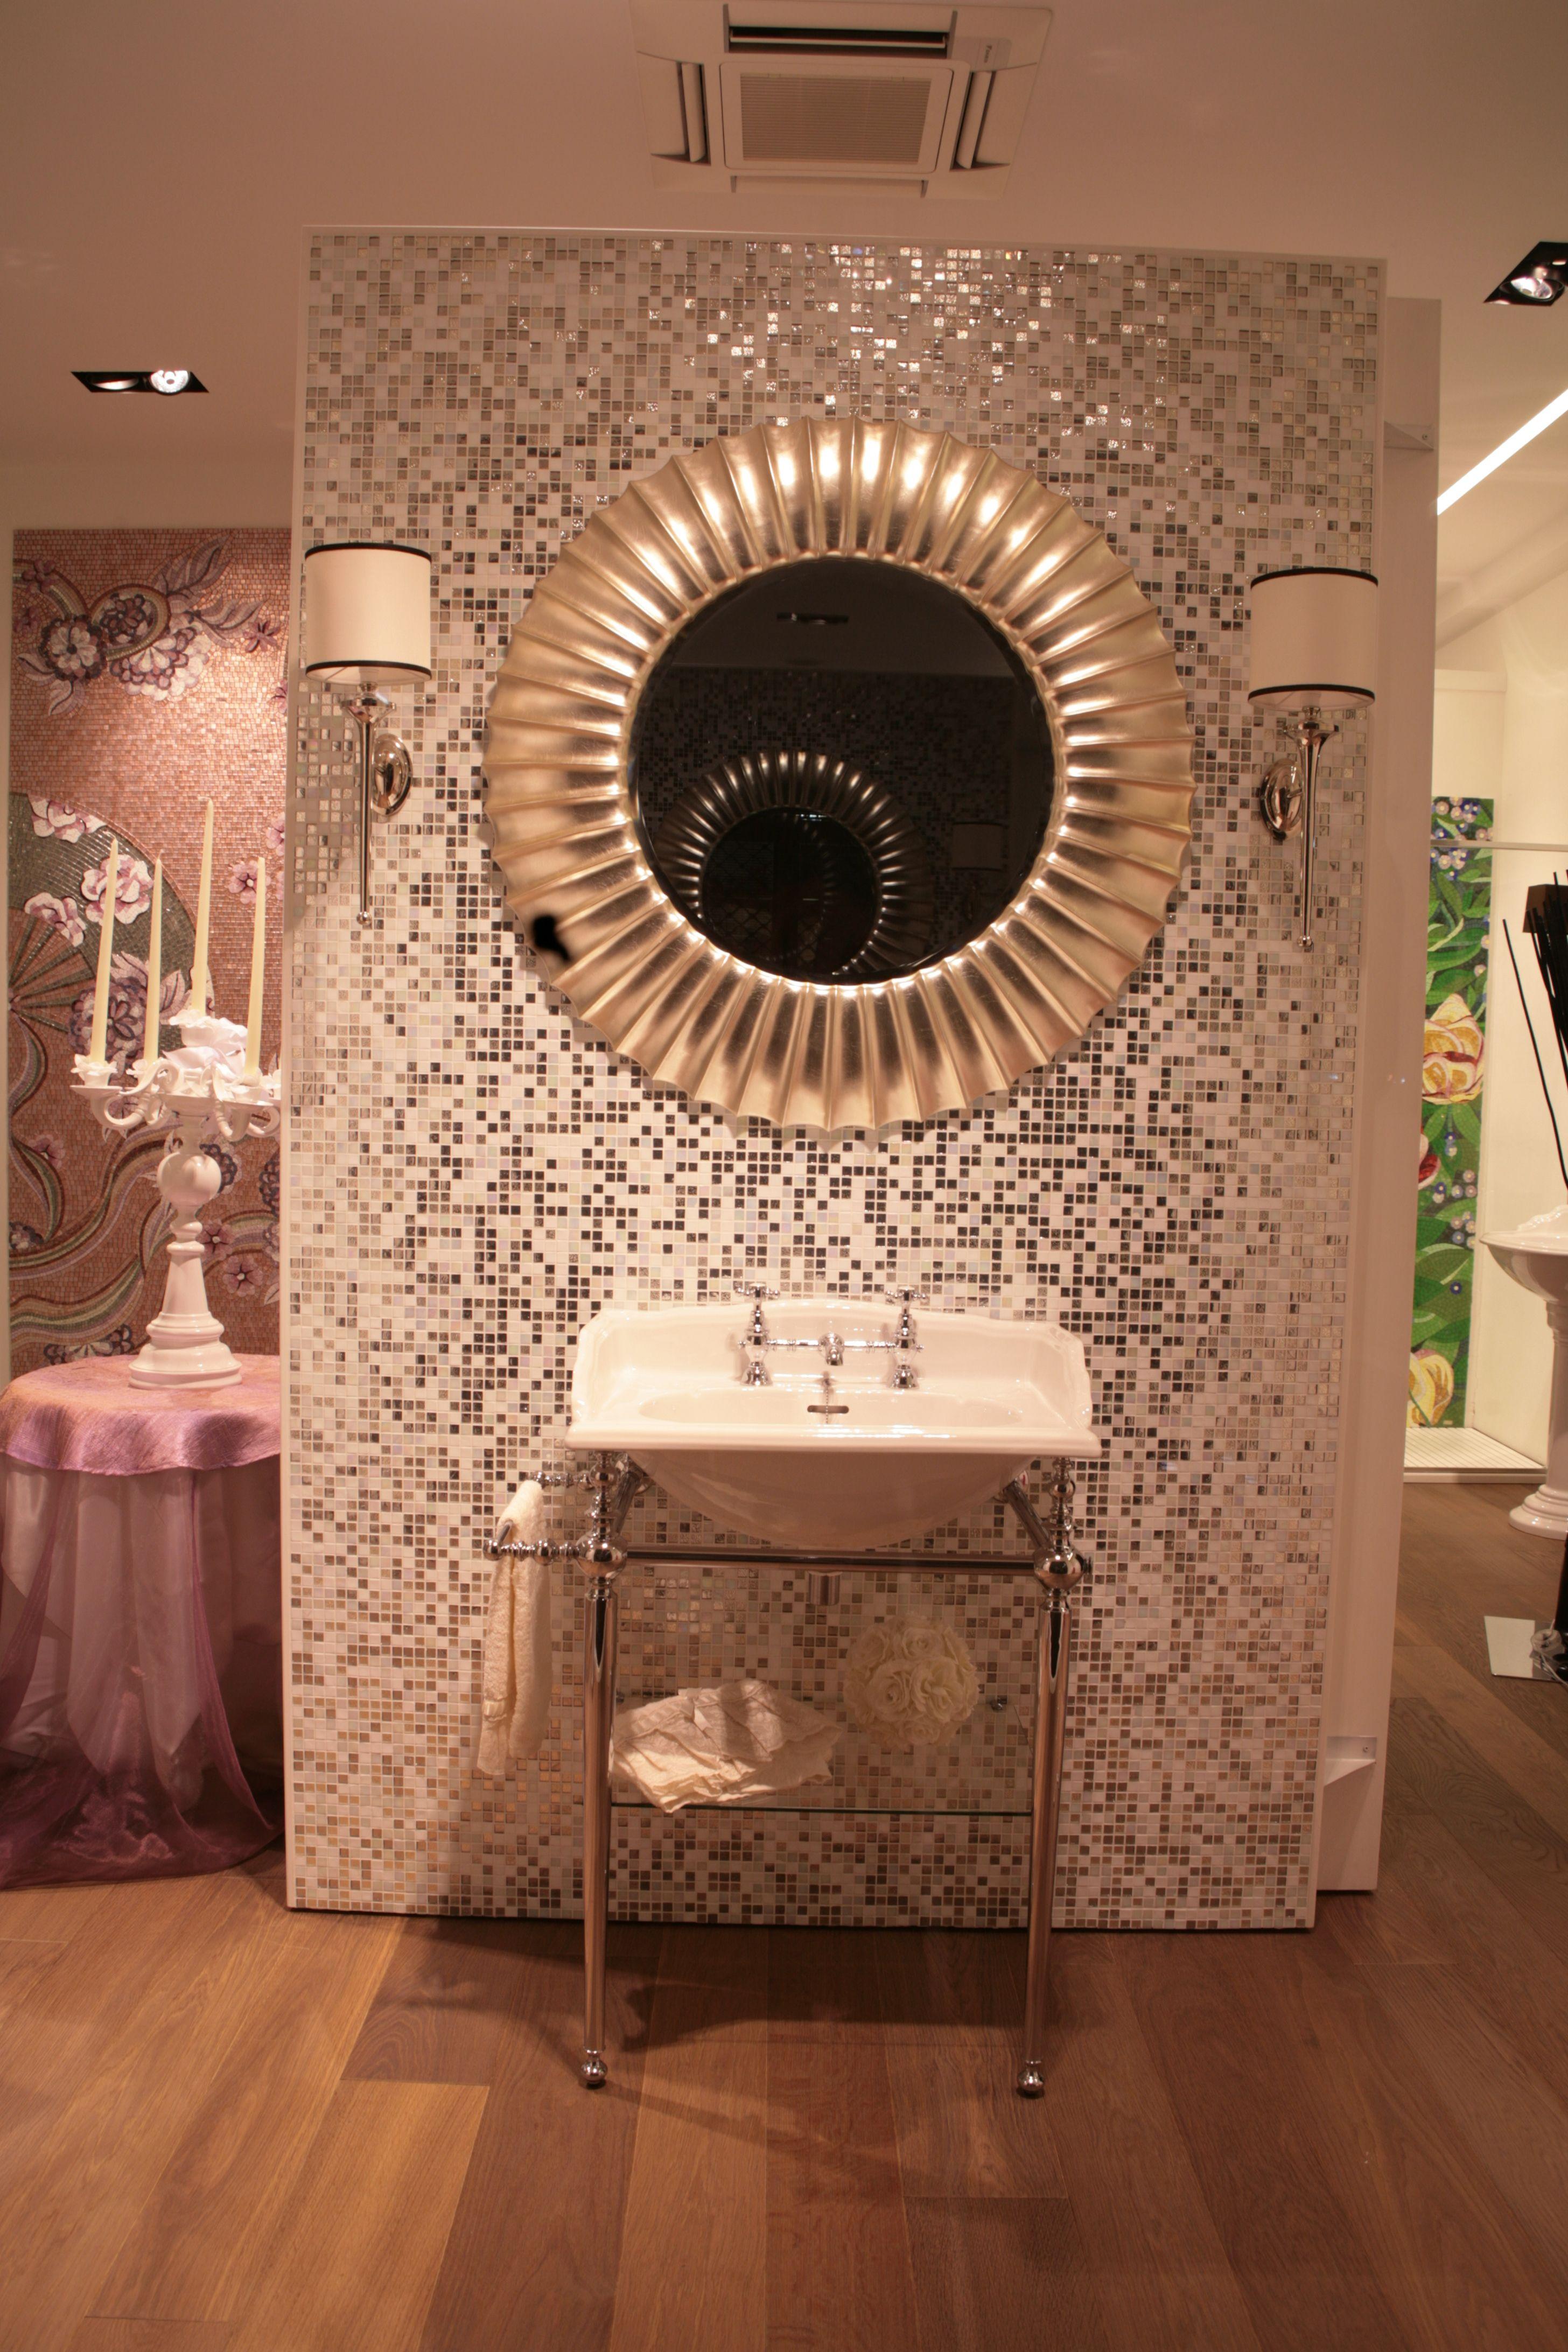 Lavabo ceramica specchio da bagno appliques mosaico vetro e platino pavimento rovere - Mosaico vetro bagno ...